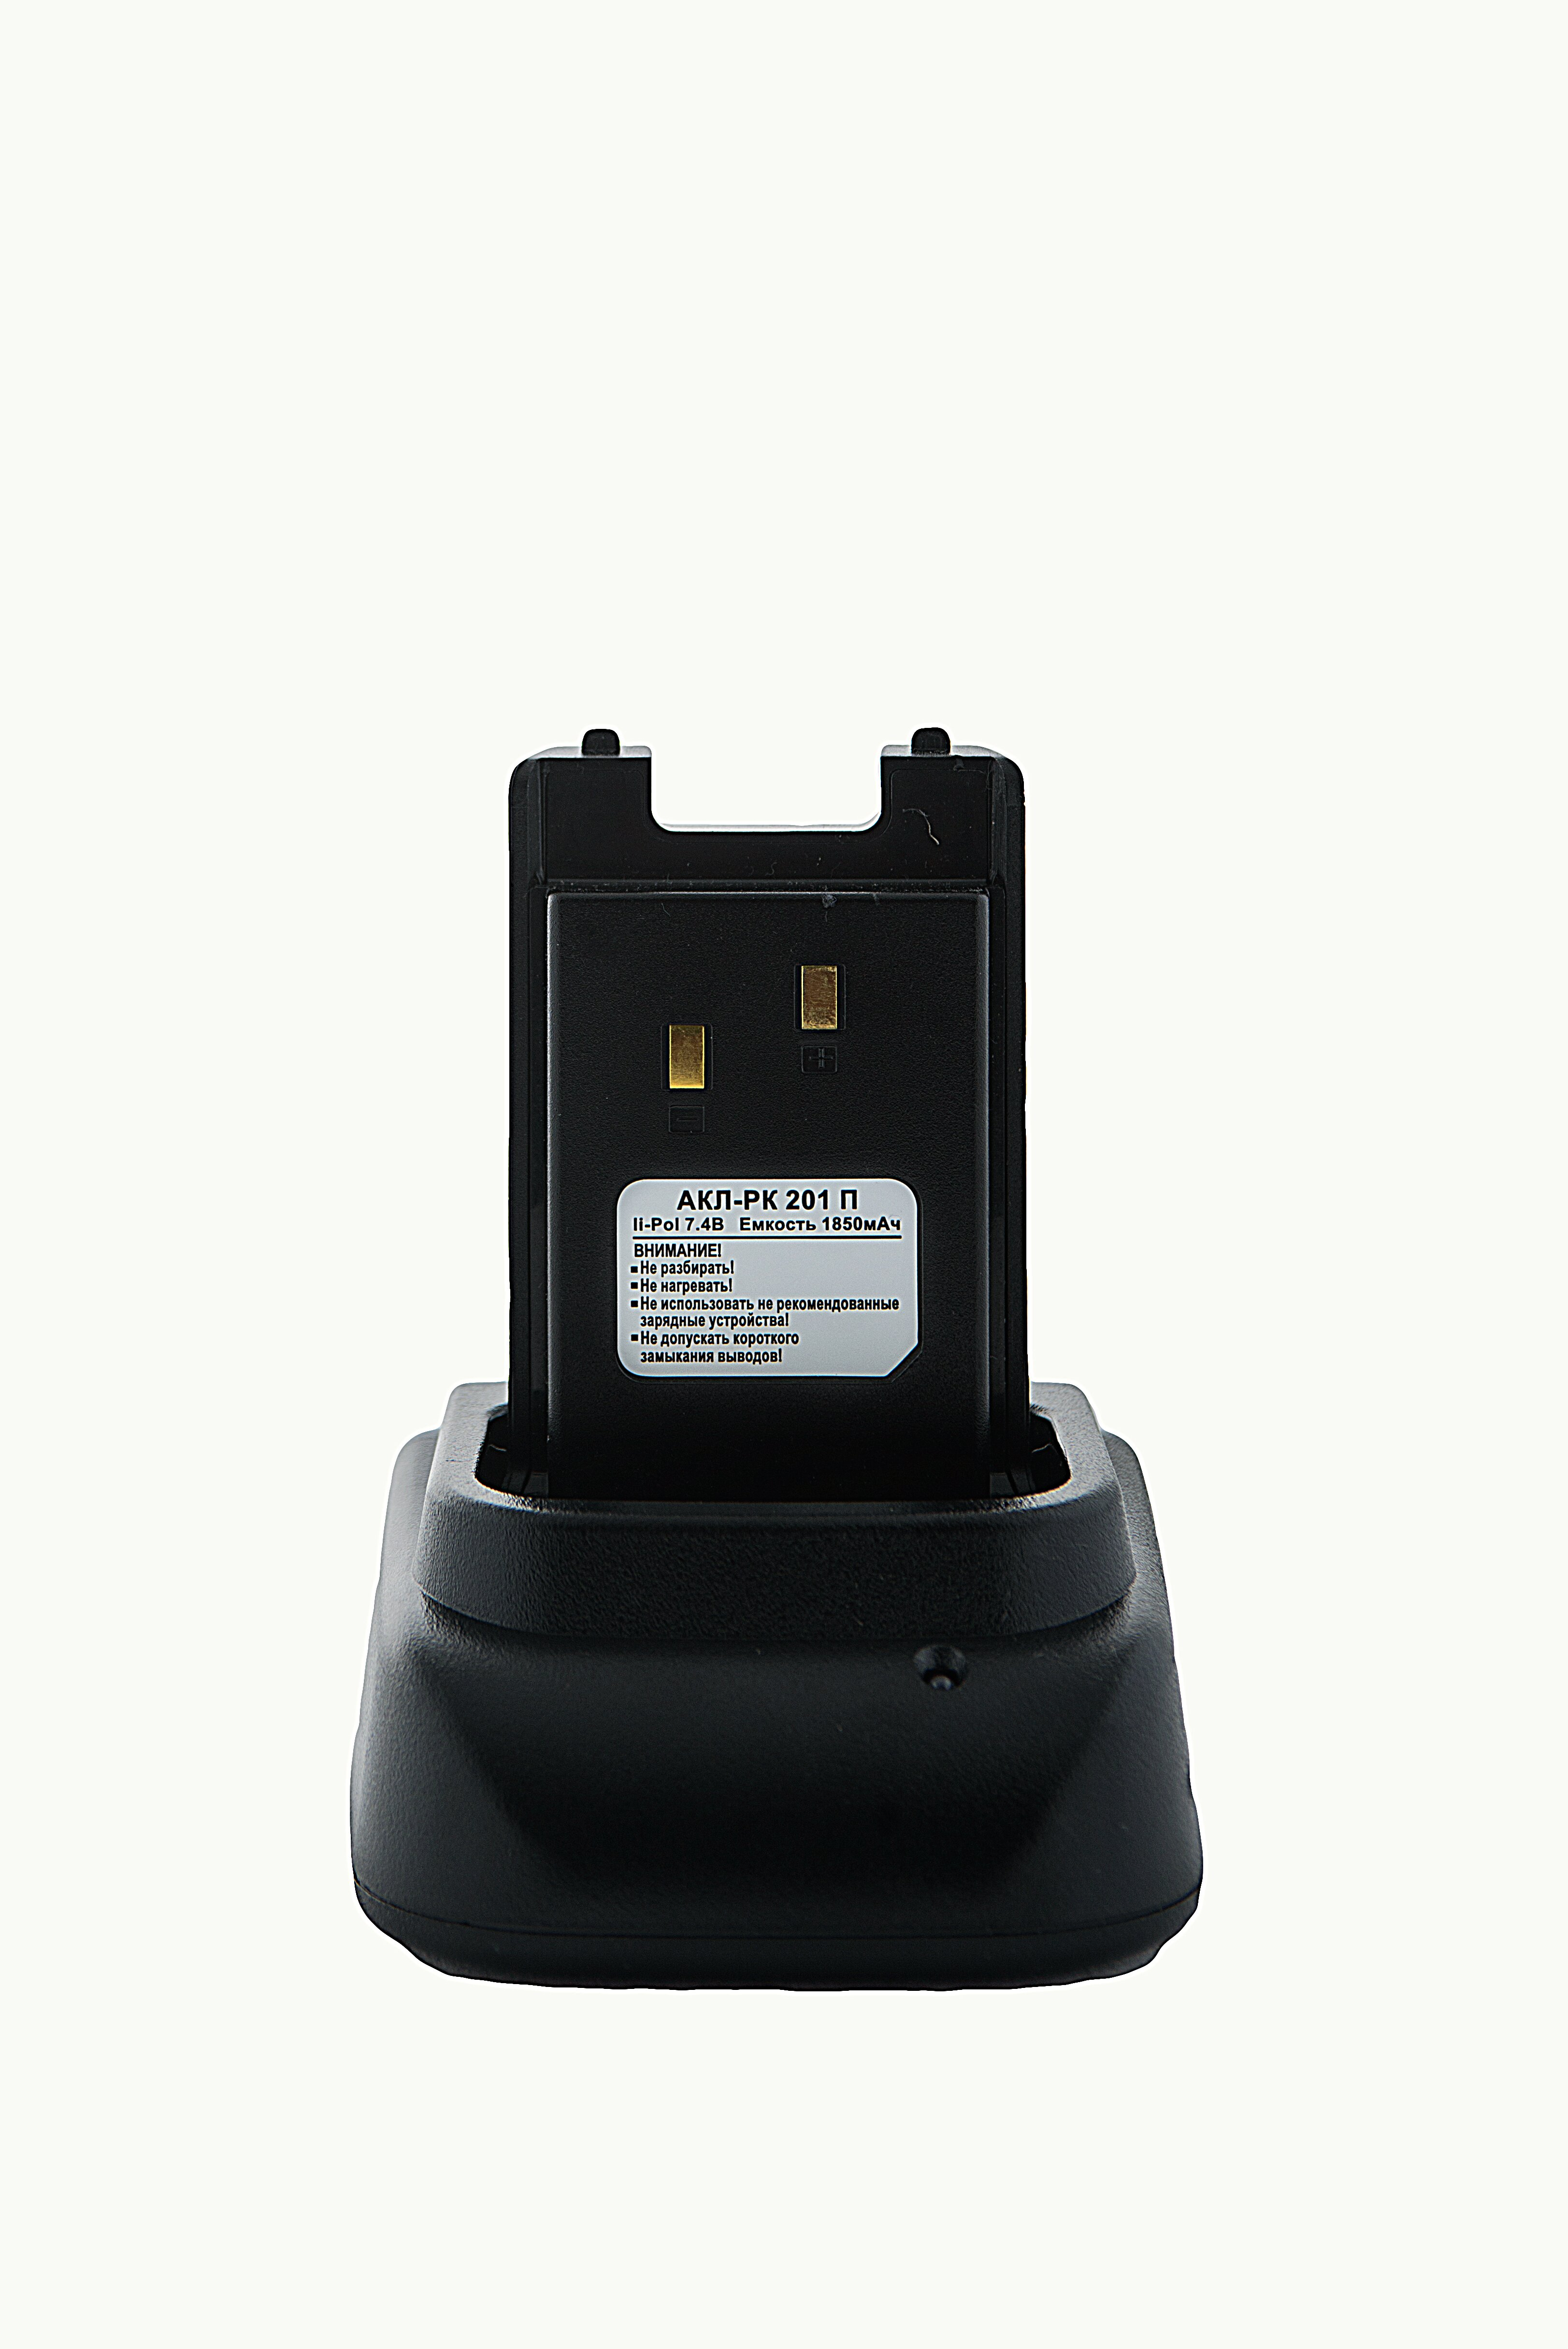 Аккумулятор для рации Терек РК201